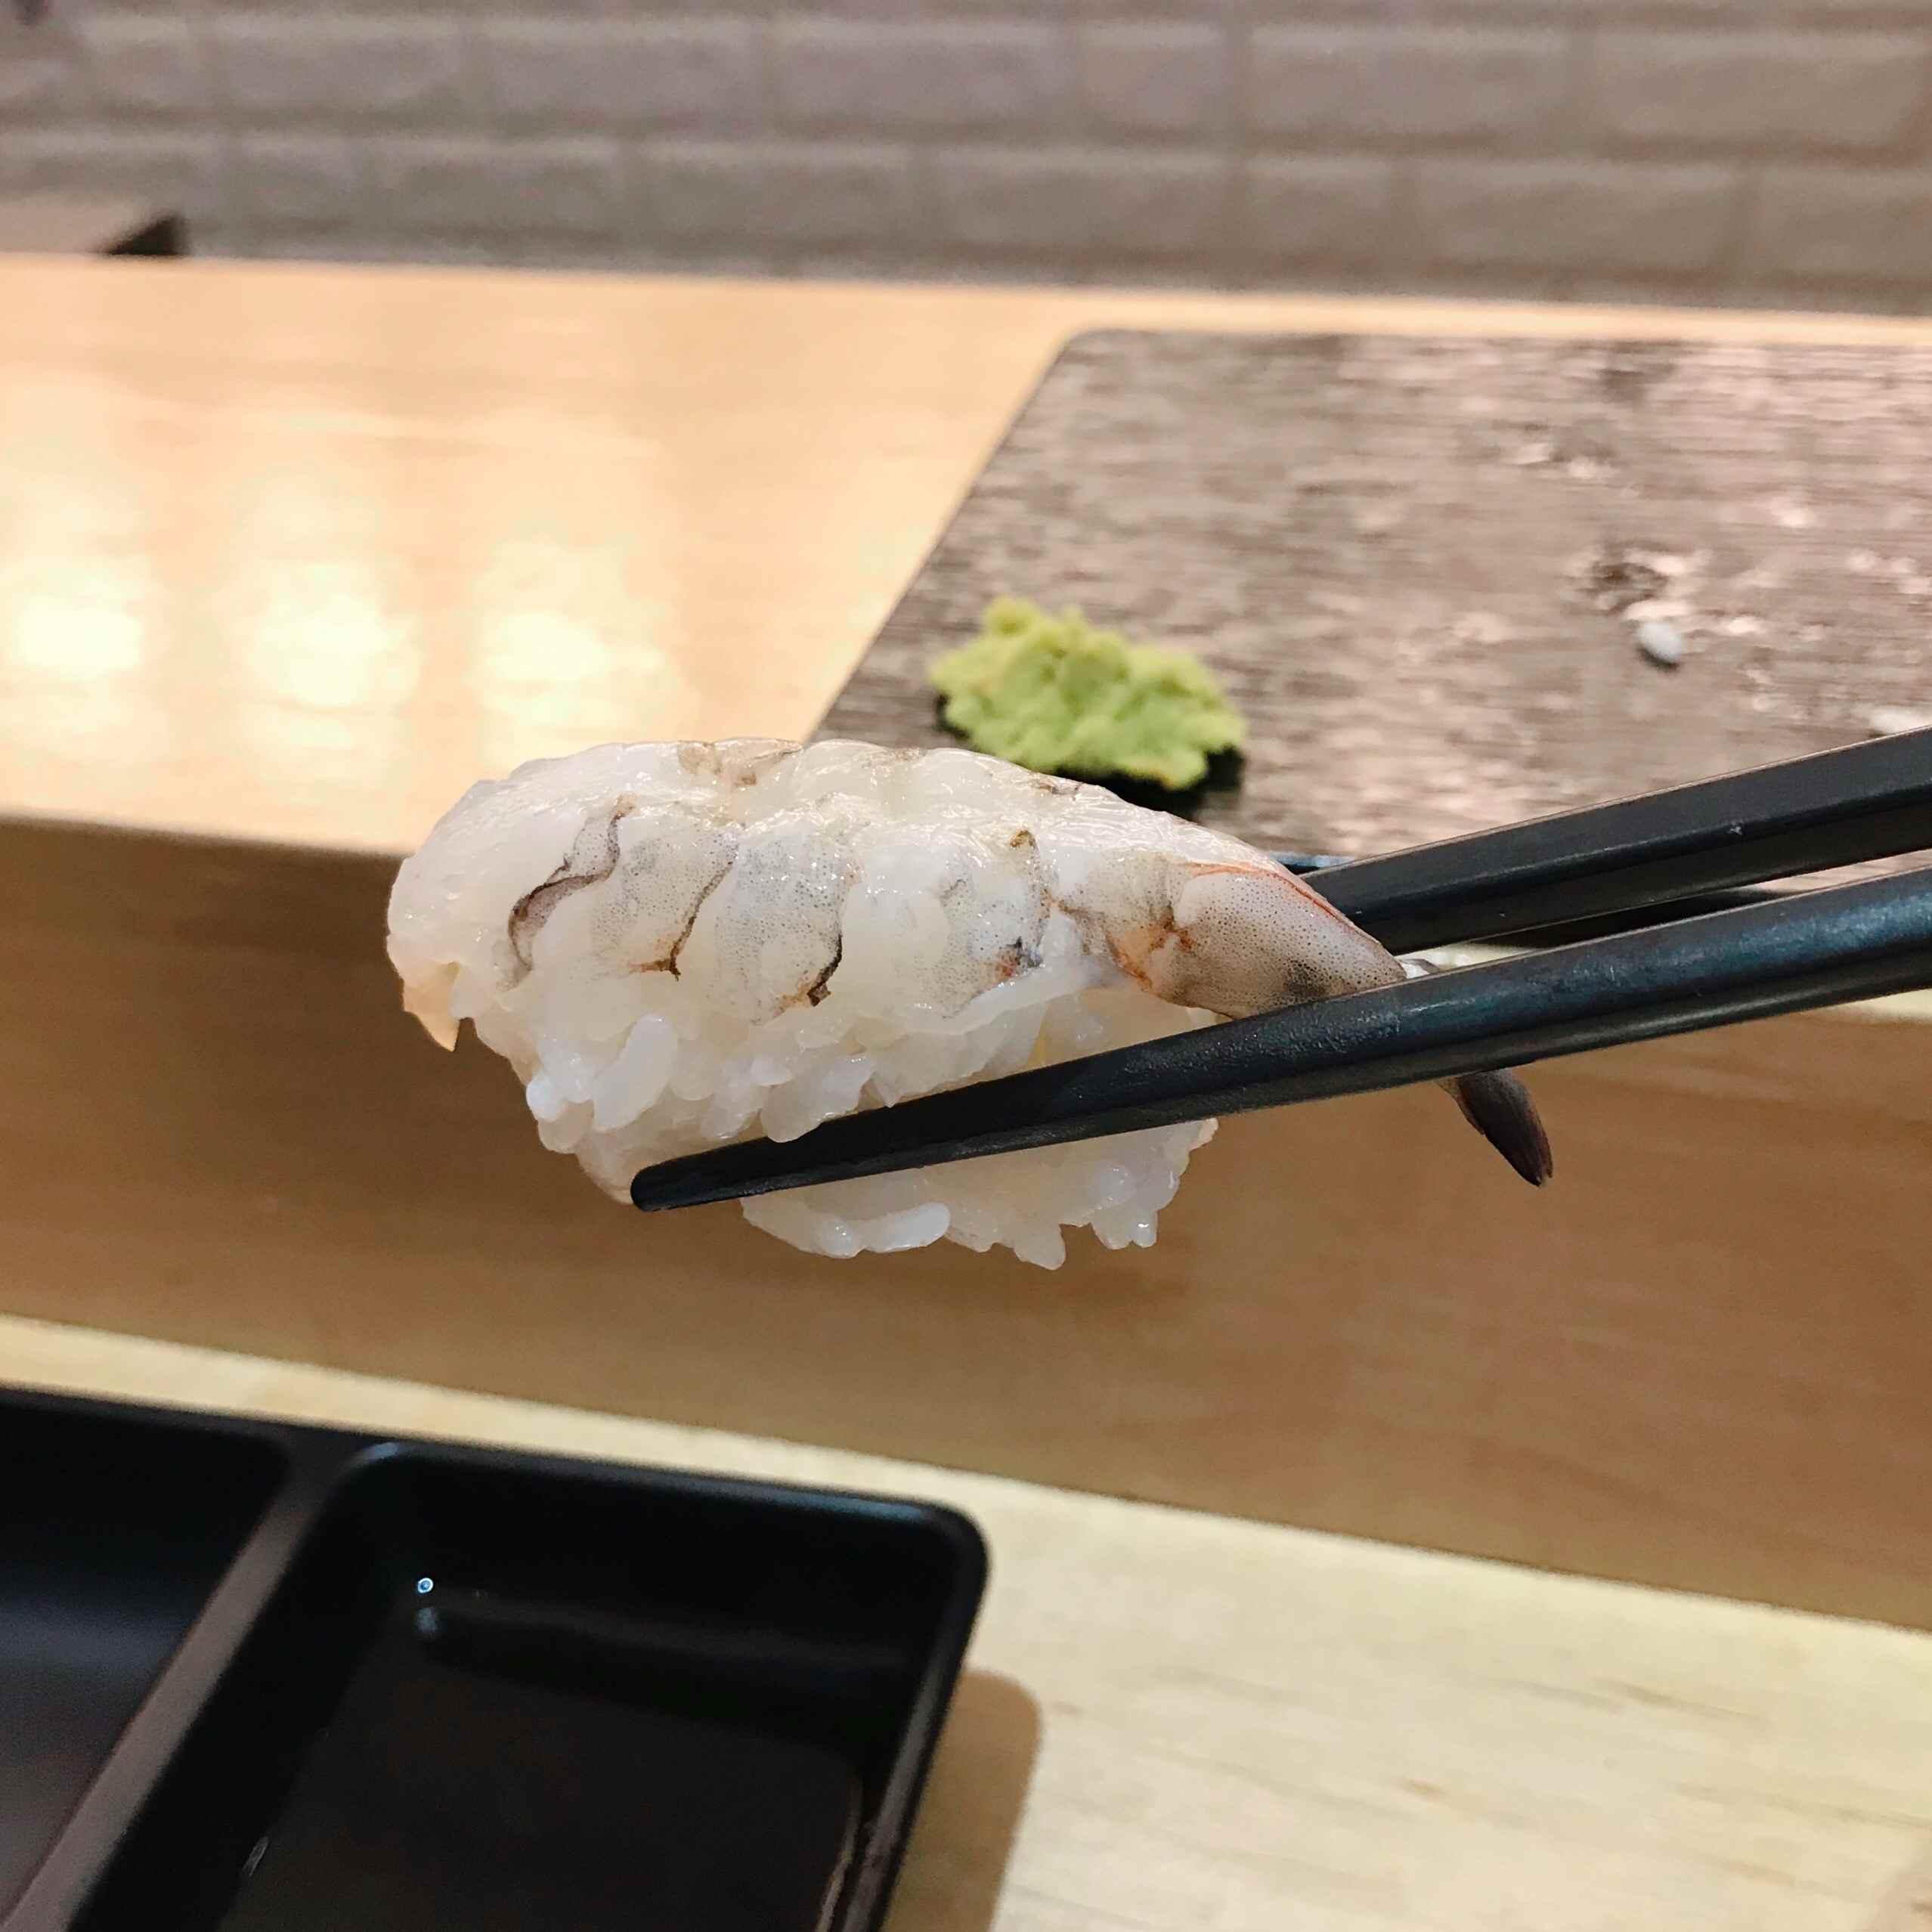 再來的是蝦壽司~